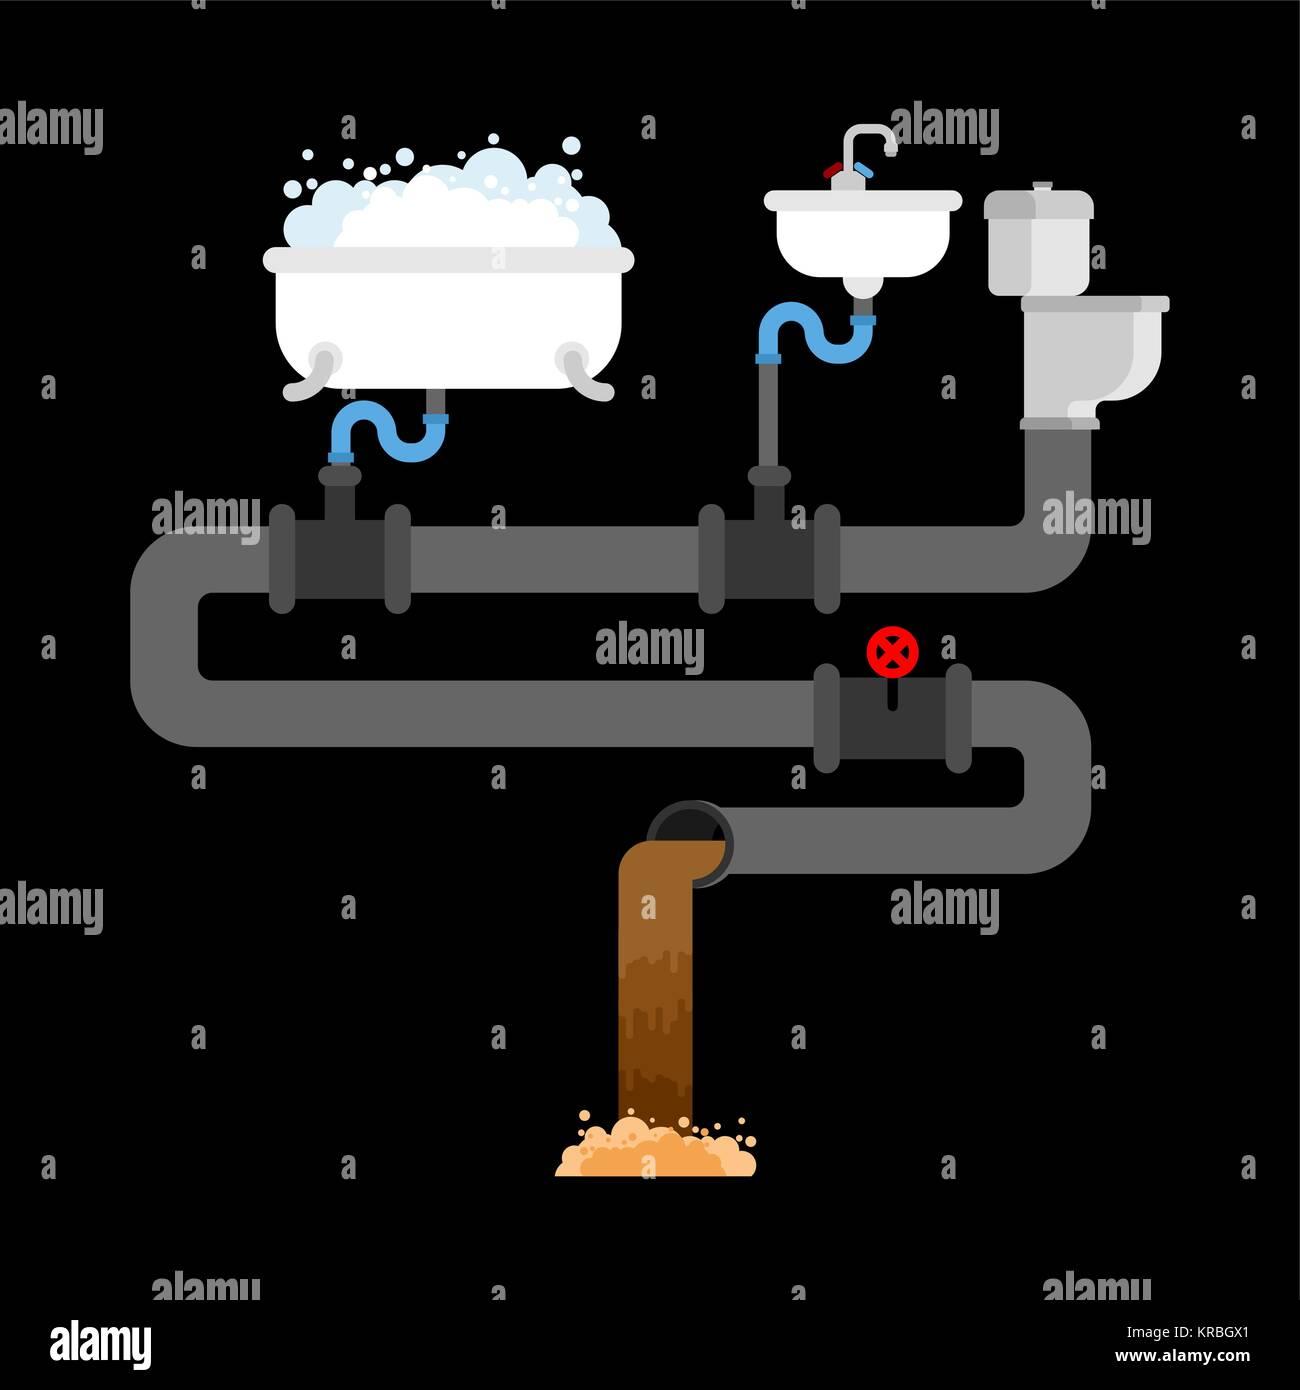 https://c8.alamy.com/compit/krbgx1/sistema-fognario-in-casa-tubazioni-e-valvole-lavandino-e-water-vasca-da-bagno-rete-fognaria-krbgx1.jpg